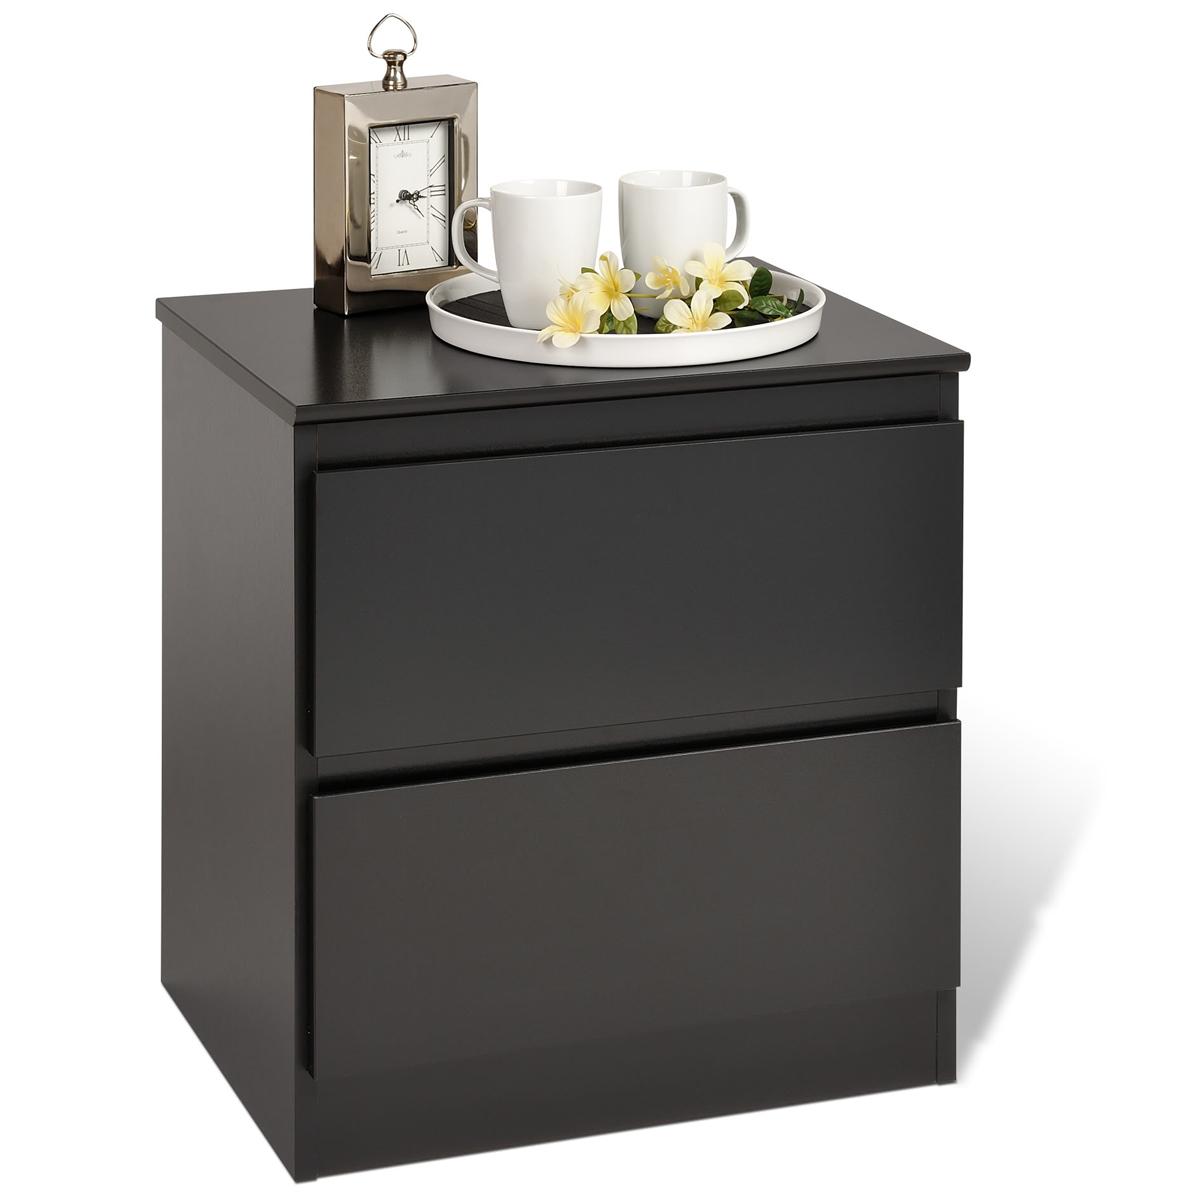 central park 2 drawer nightstand. Black Bedroom Furniture Sets. Home Design Ideas